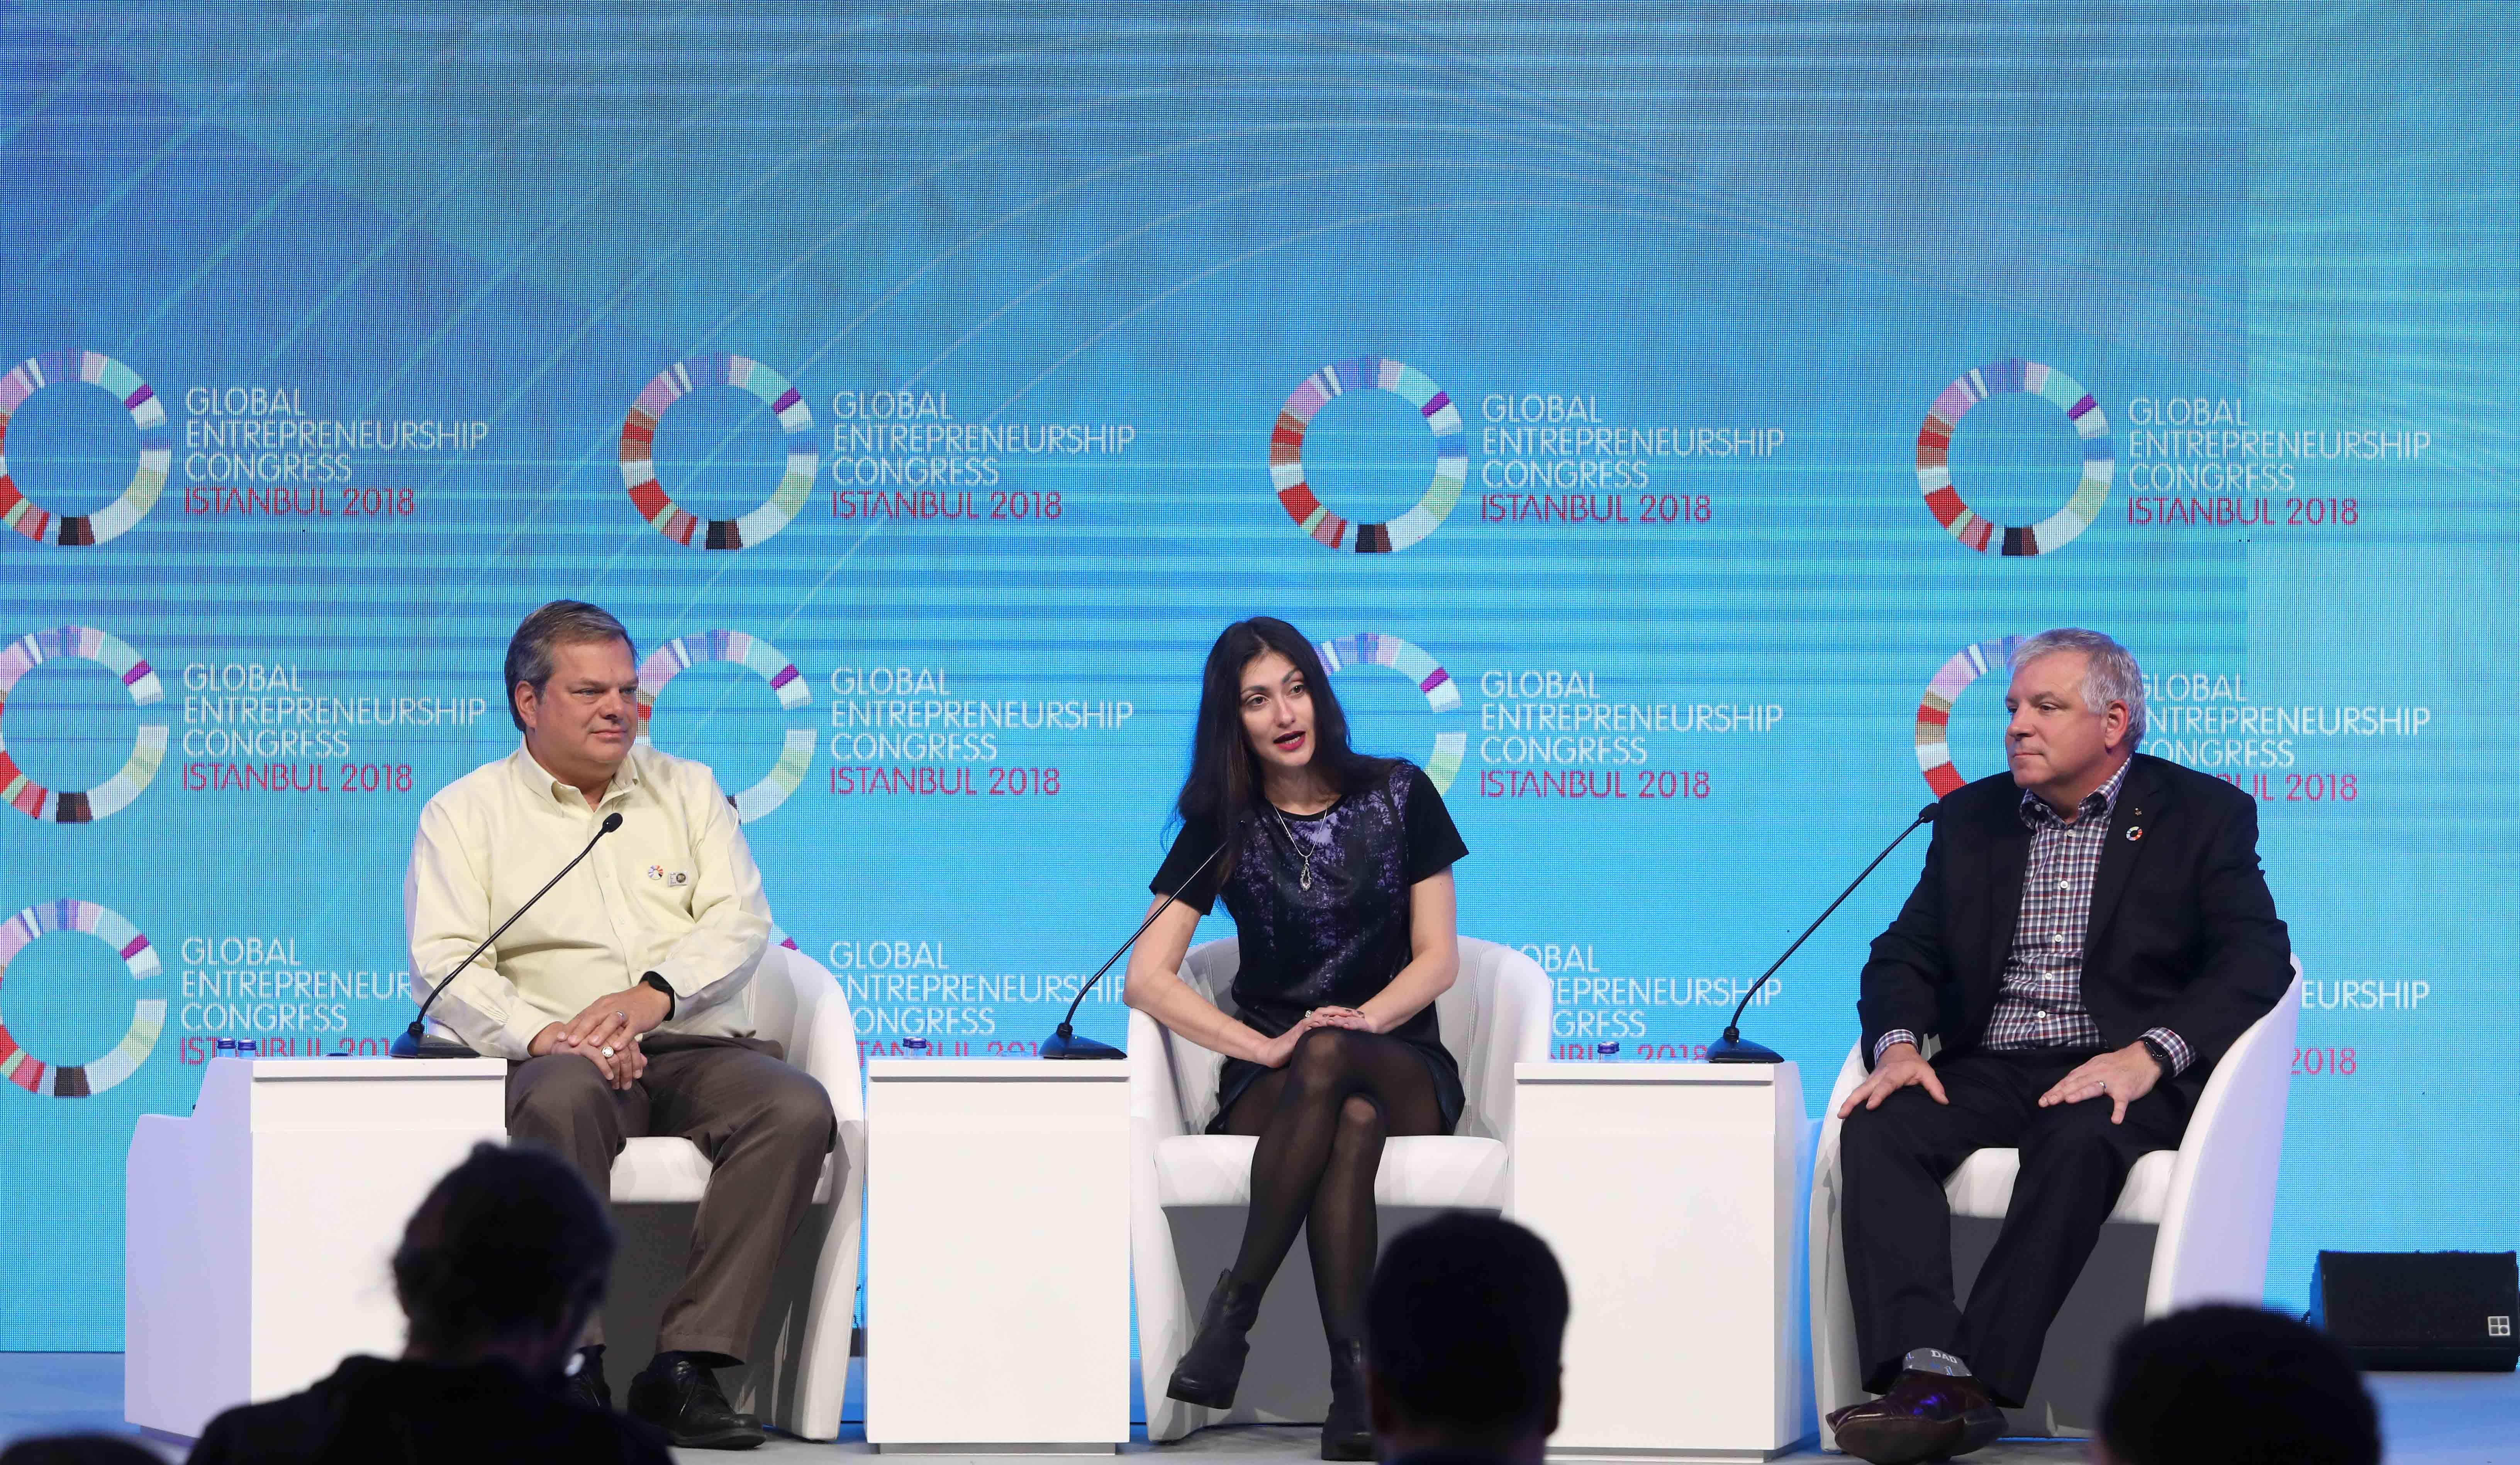 Türkiye'de ilk ve tek kez düzenlenen Global Girişimcilik Kongresi, 170'i aşkın ülkeden 7 bin kişinin katılımı ile tamamlandı.